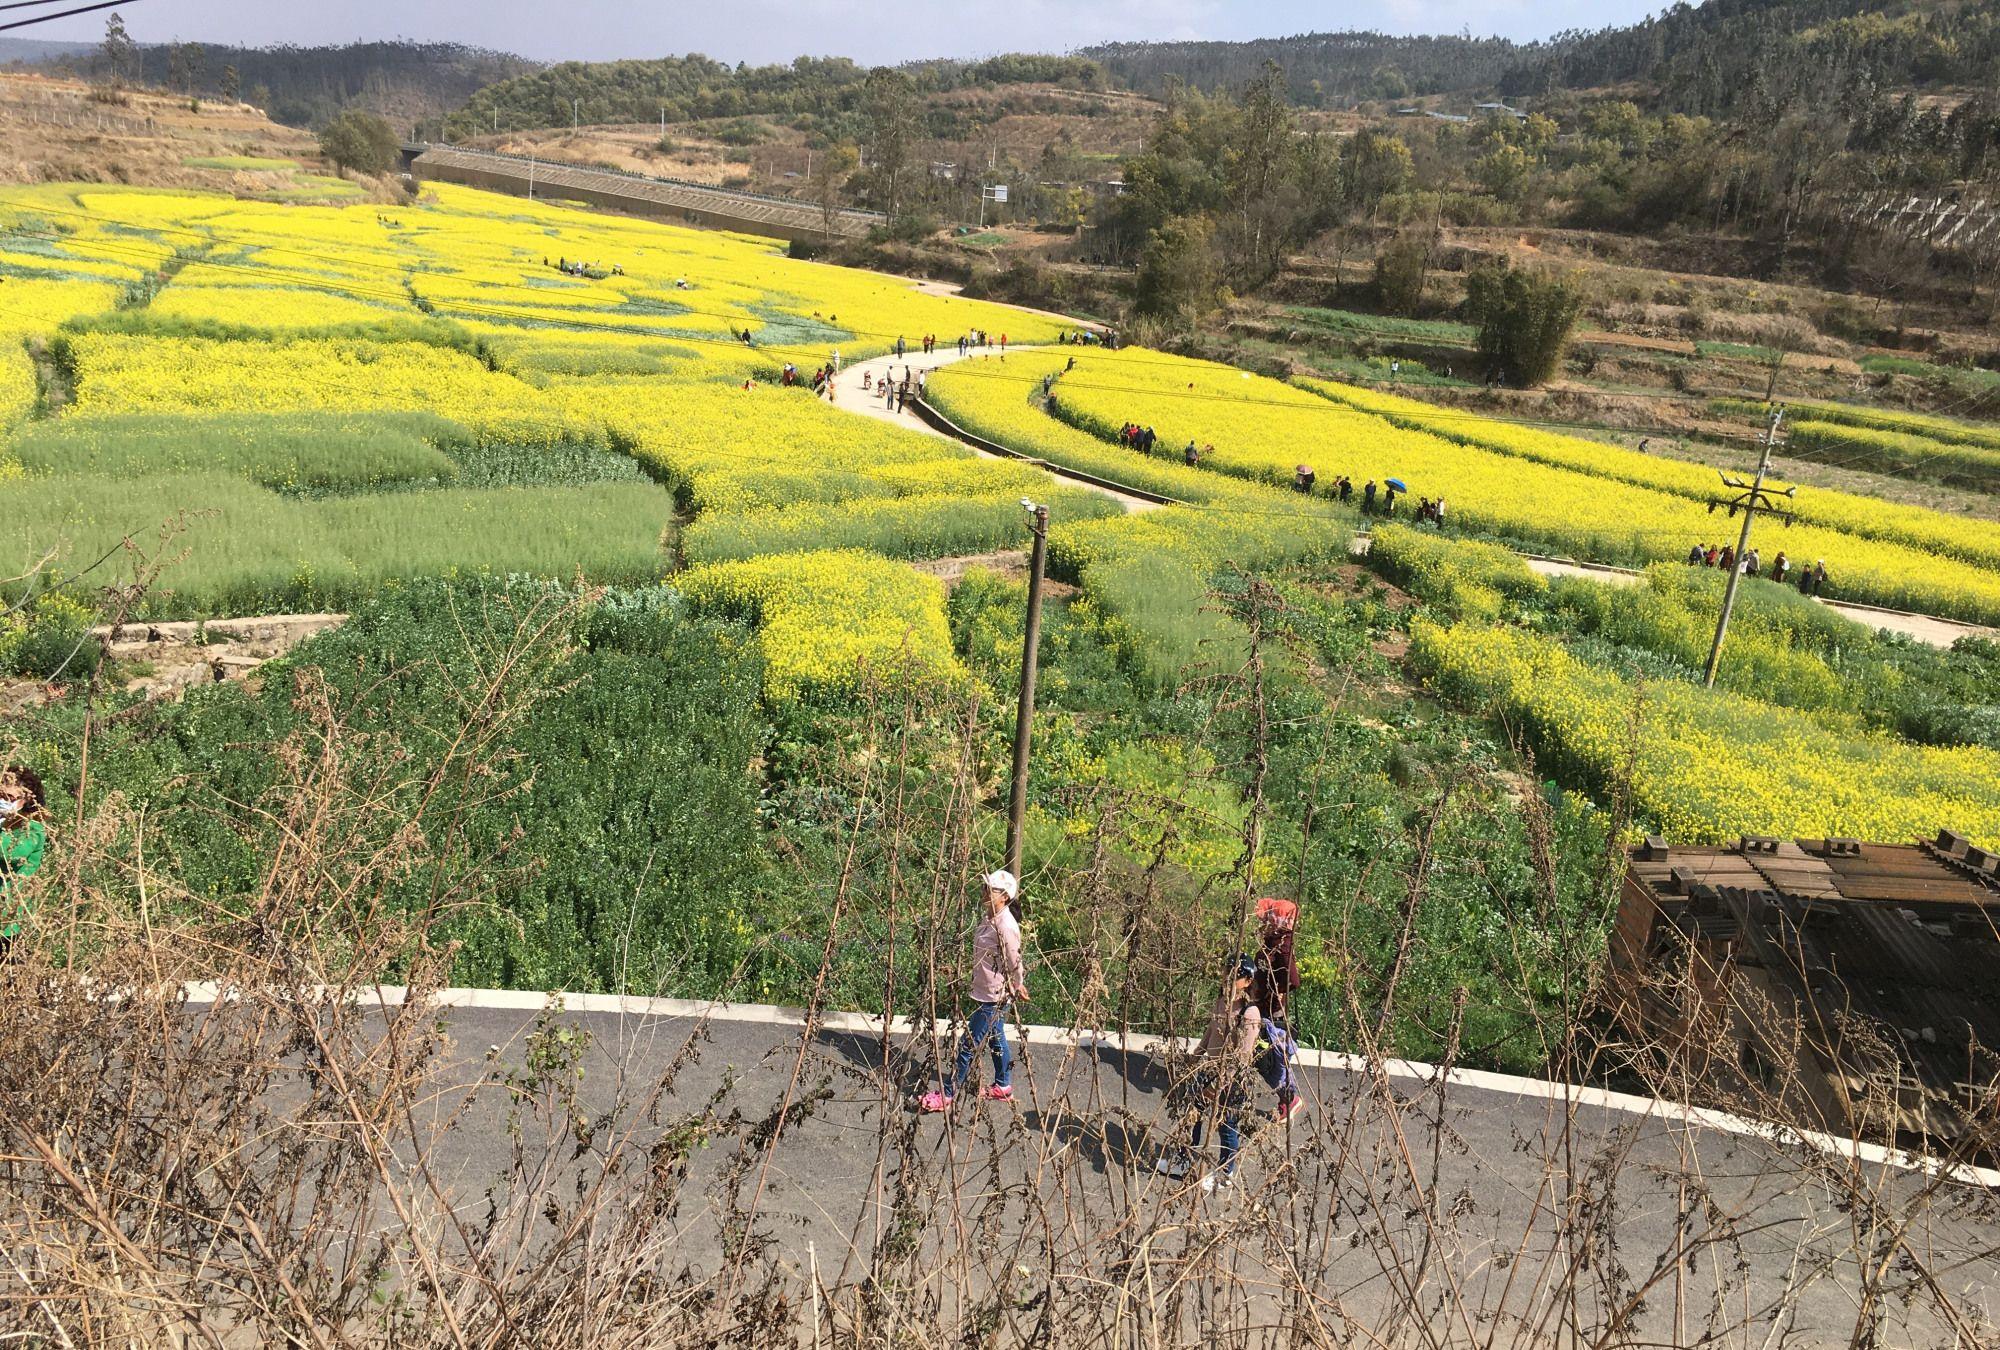 山茶花造型的油菜花,野山沟里迷人小村